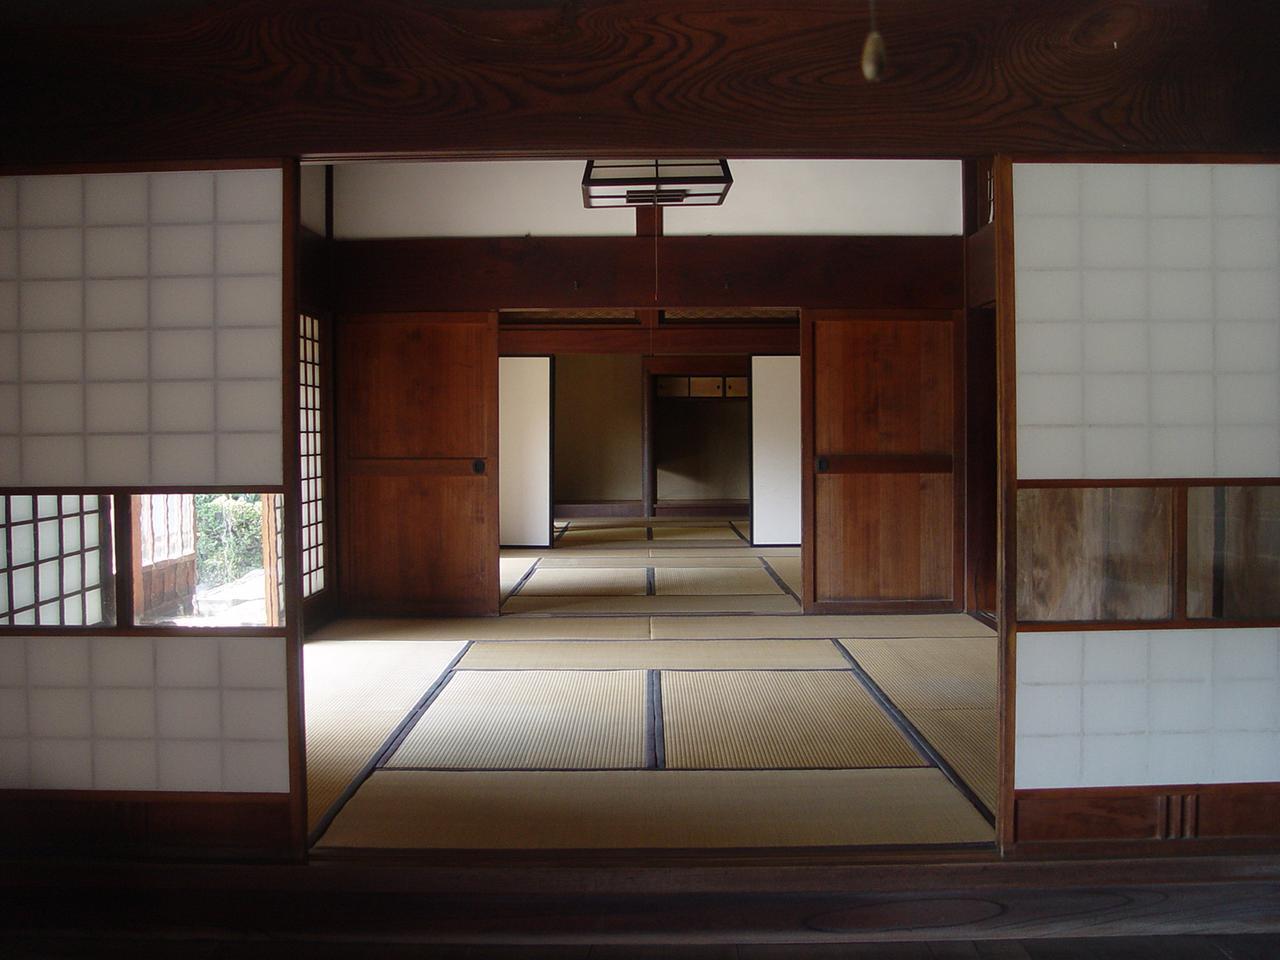 画像2: 写真提供:渋沢栄一記念館